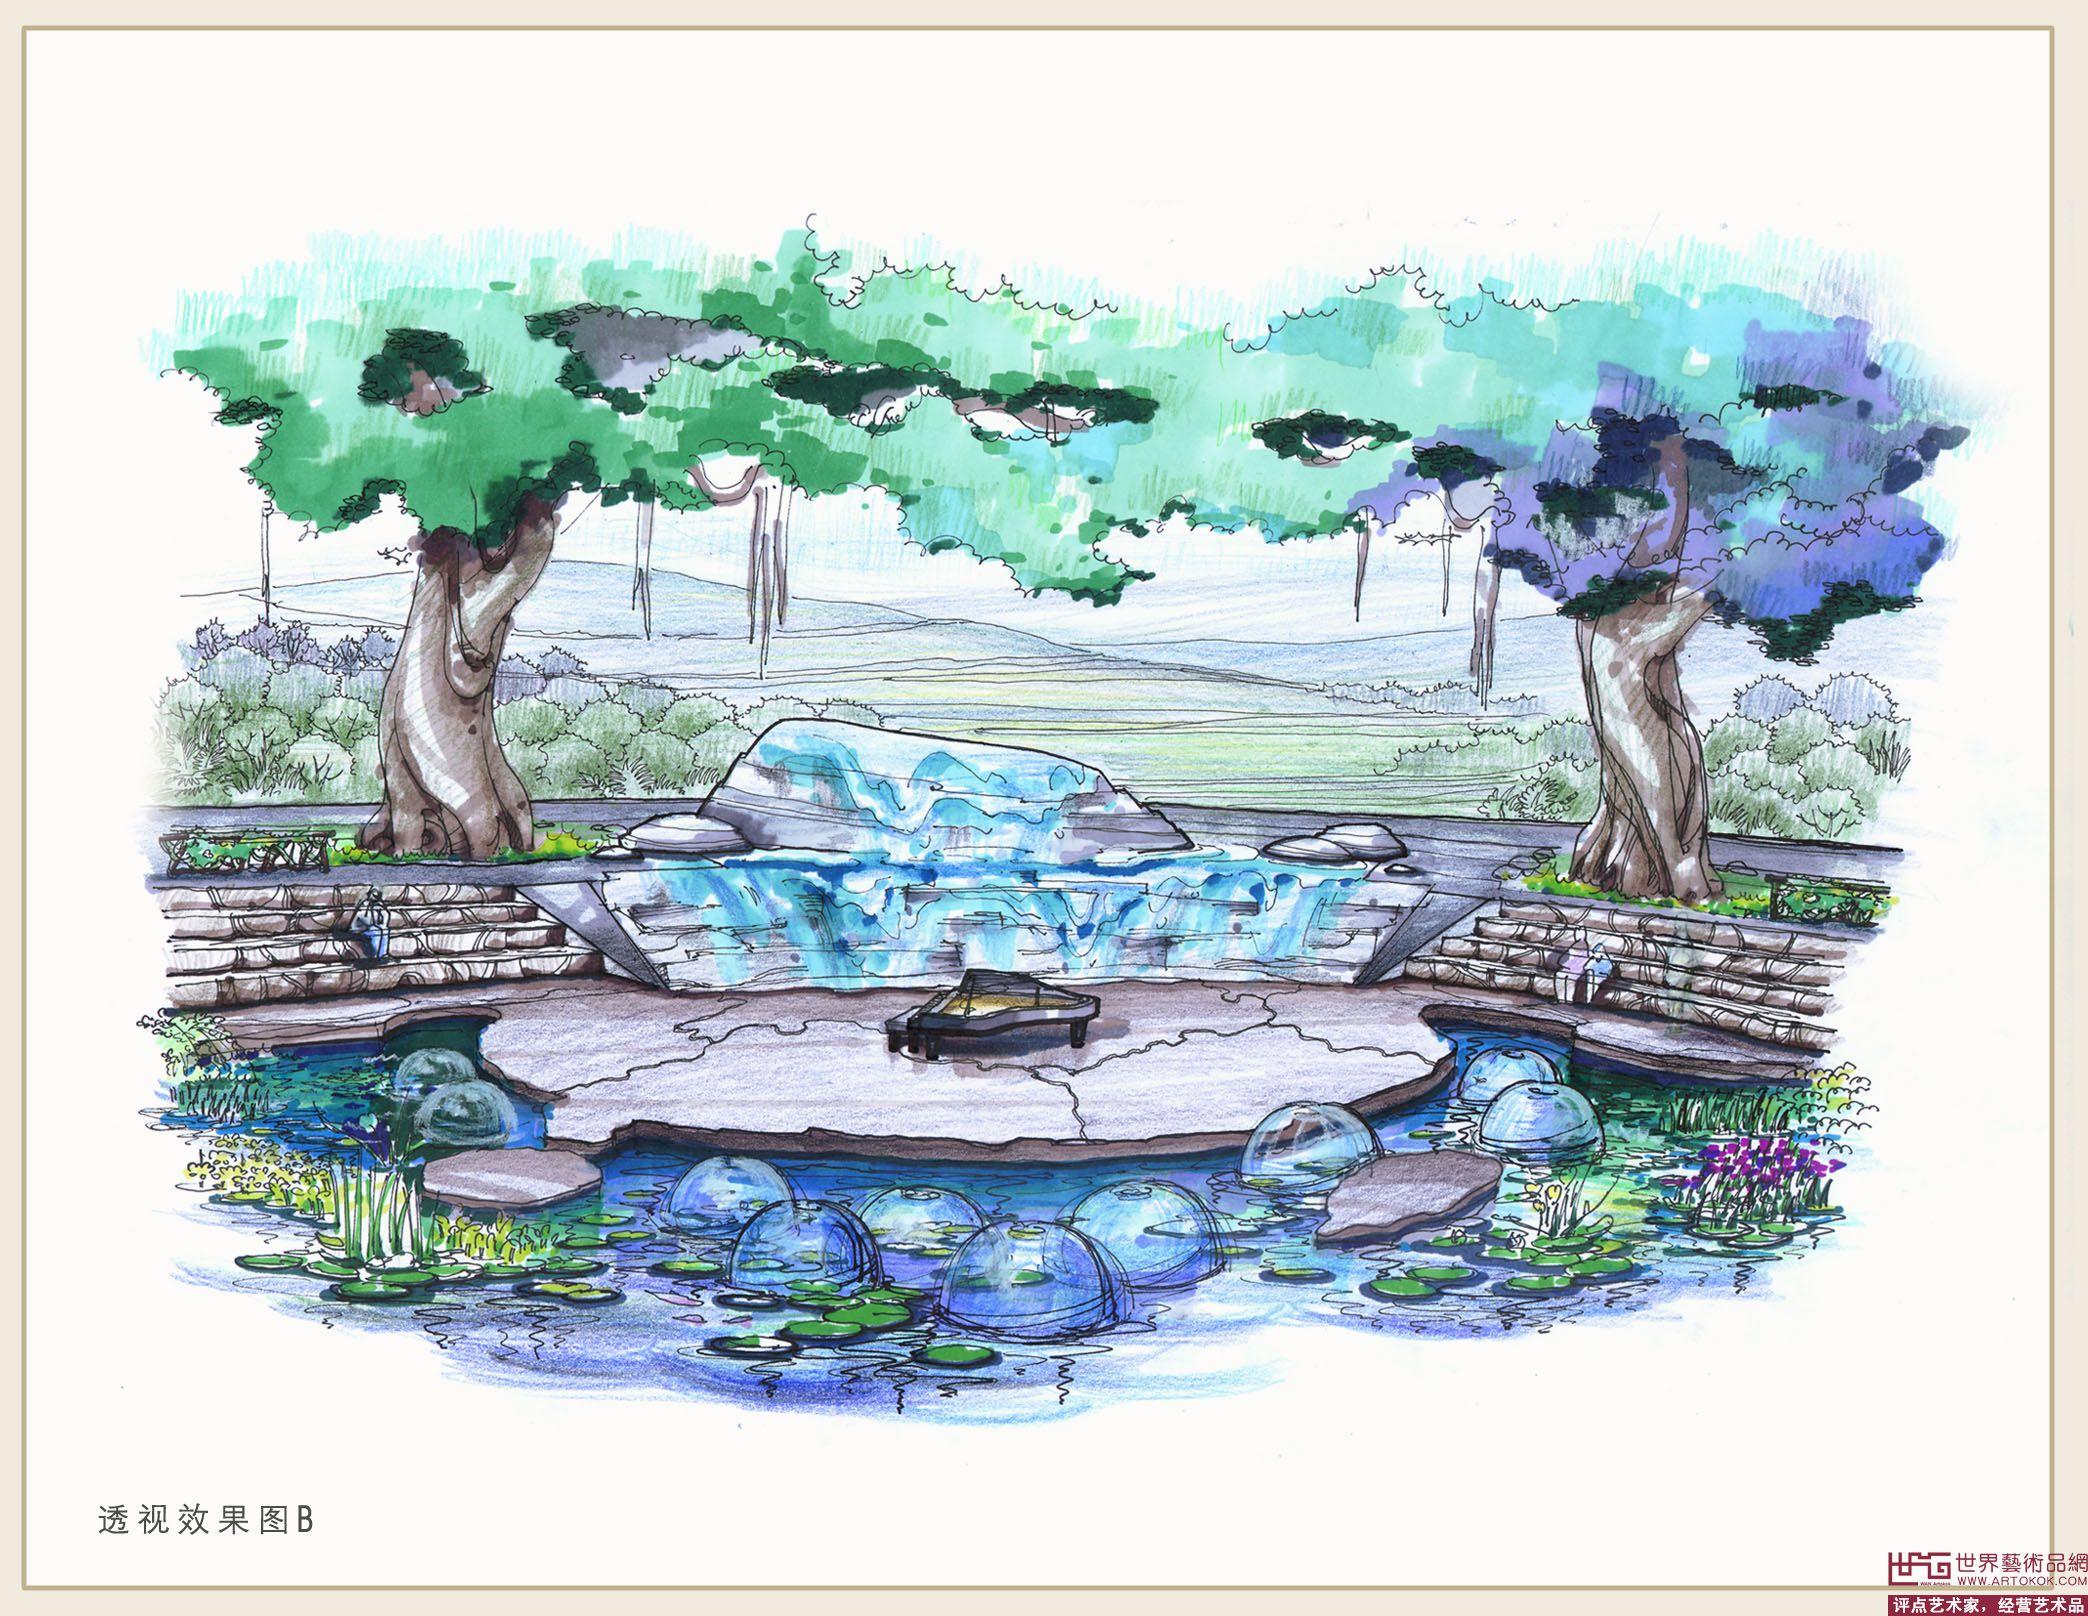 王悦玲-同根园手绘效果图2-淘宝-名人字画-中国书画